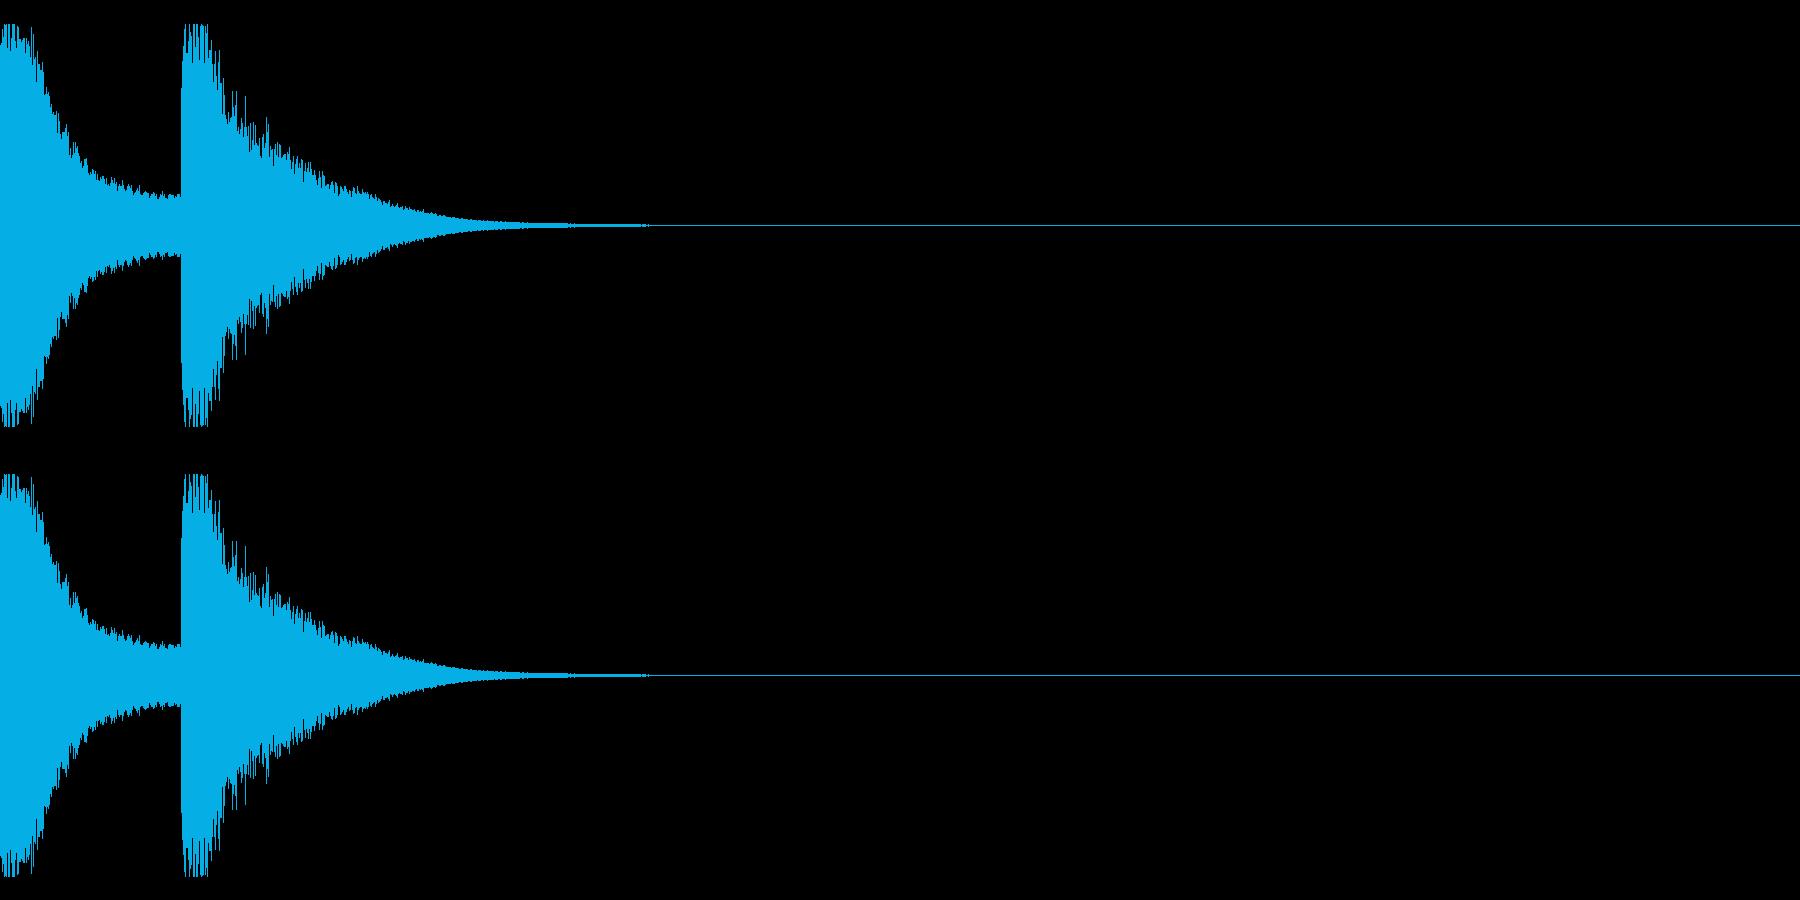 注意音ベル系01(ピンポン)の再生済みの波形